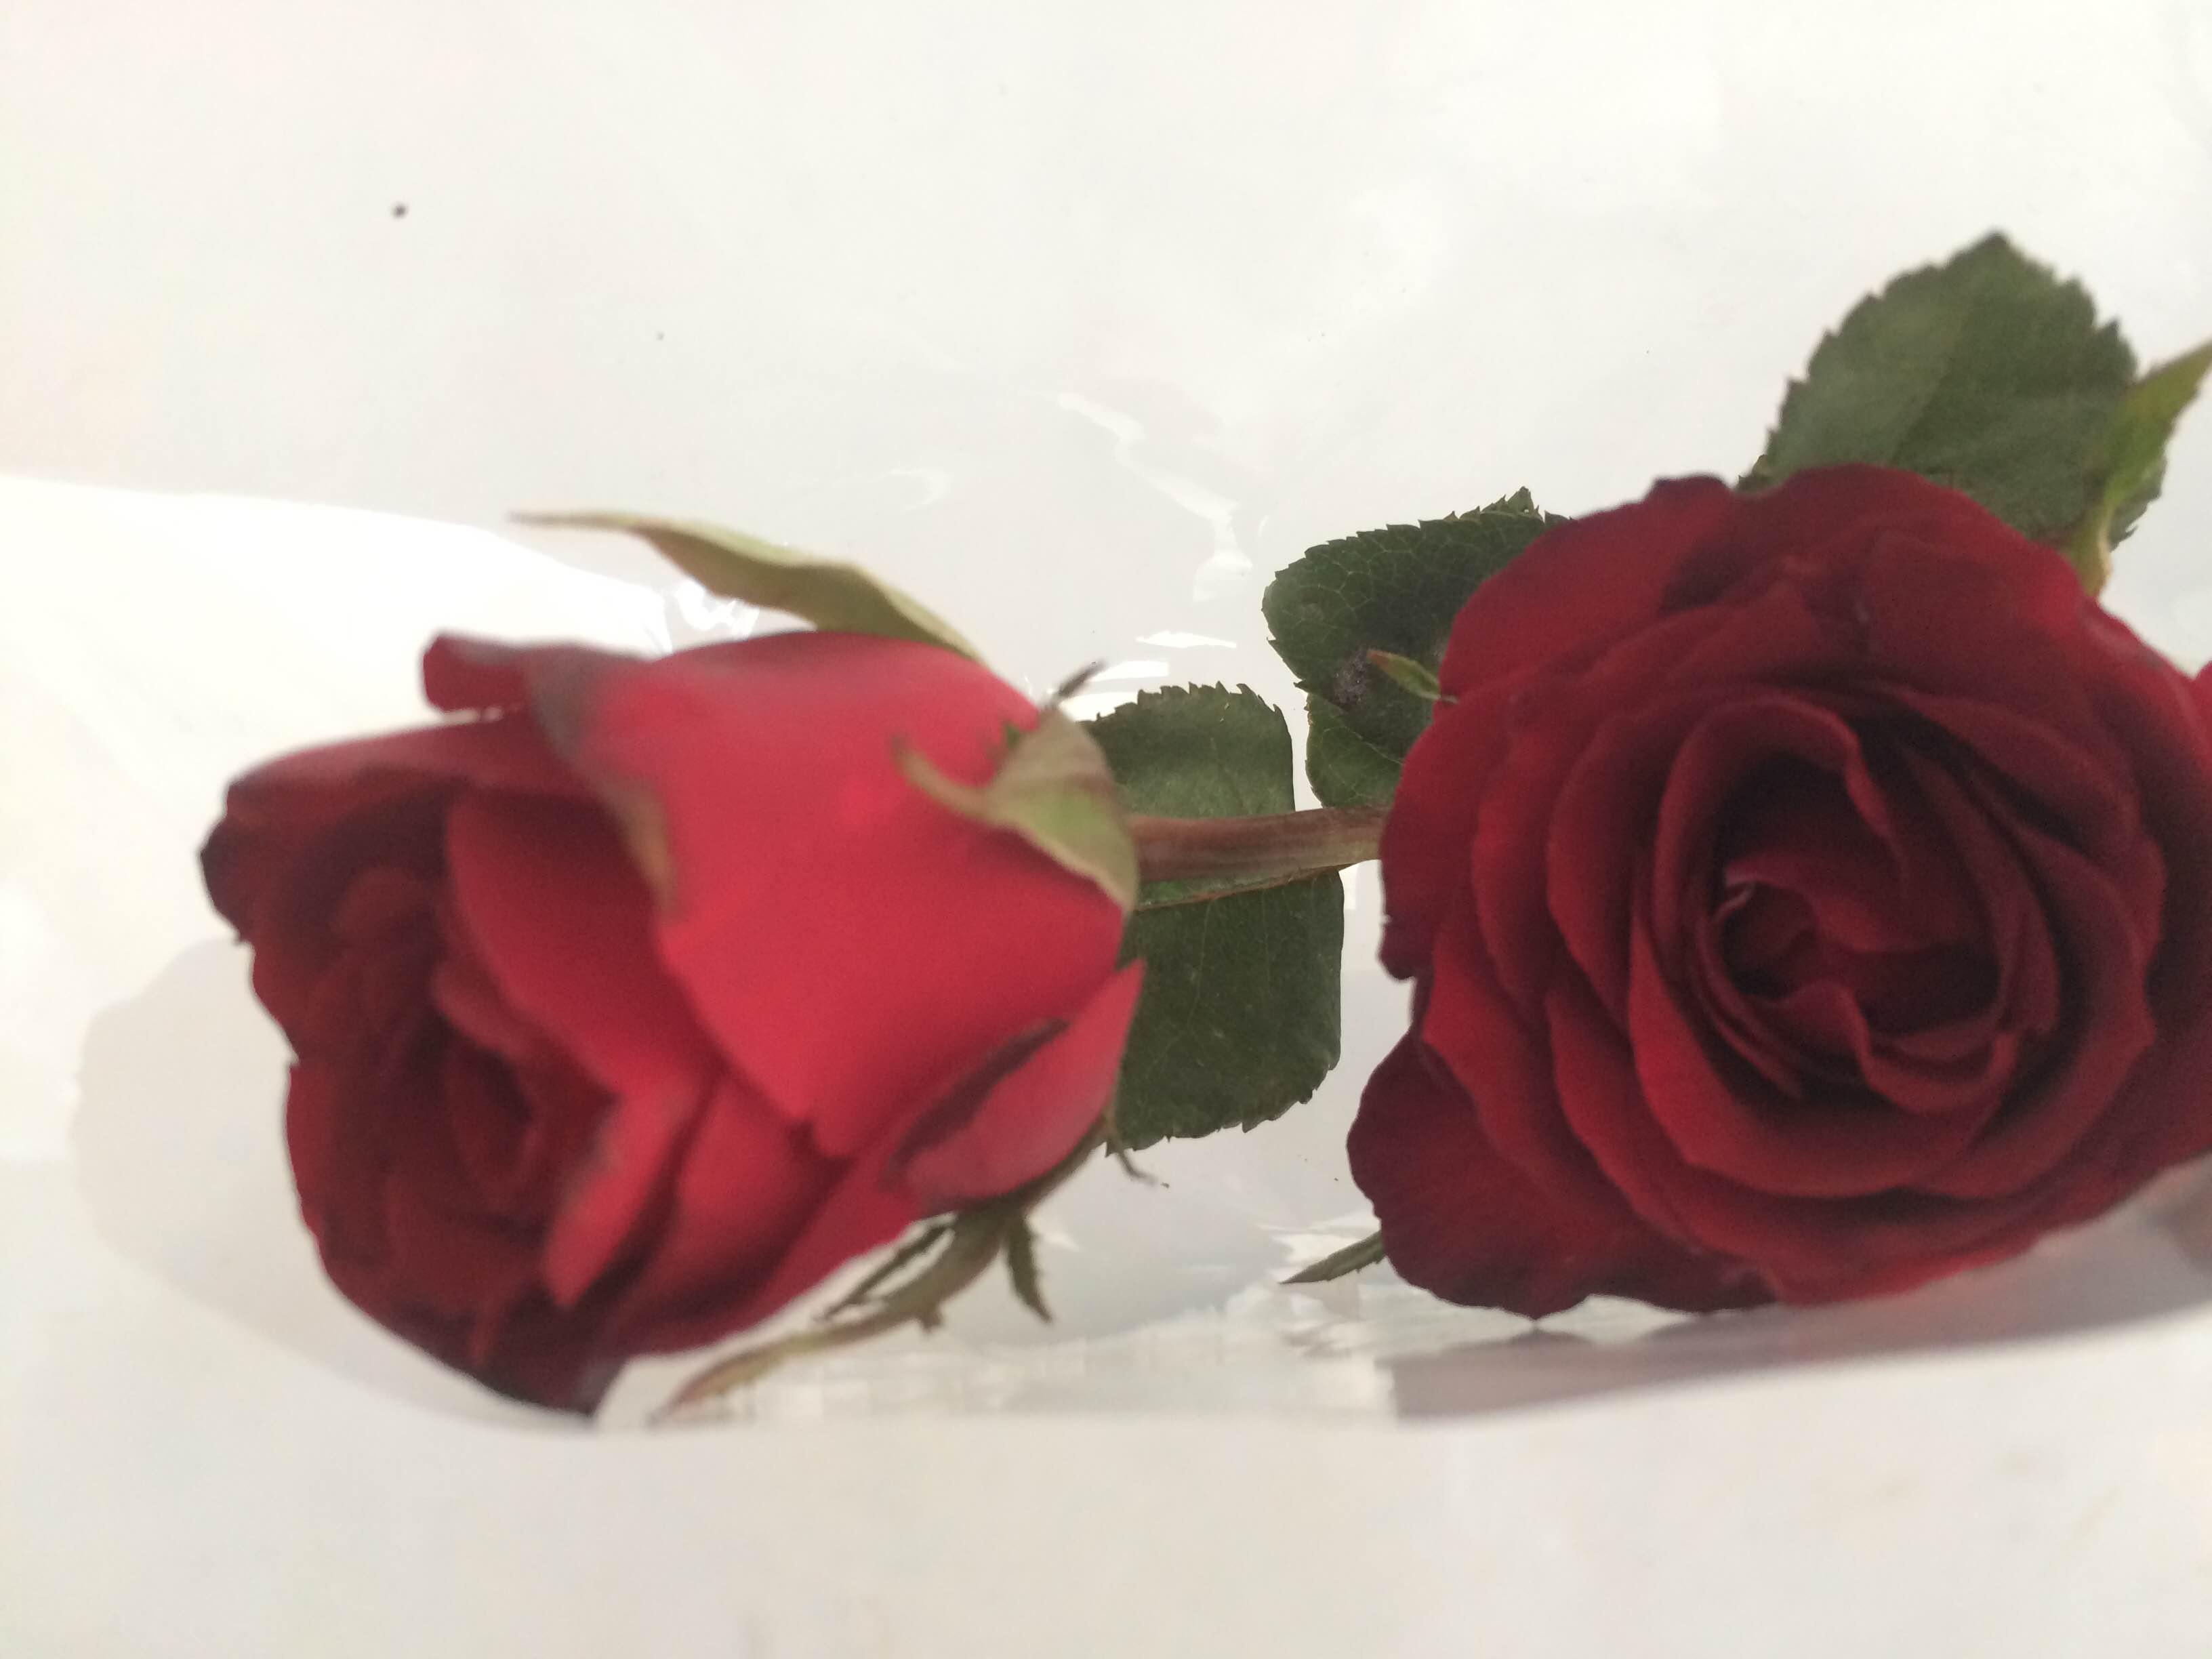 Bagian Bagian Bunga Mawar Beserta Fungsinya Berbagai Bagian Penting